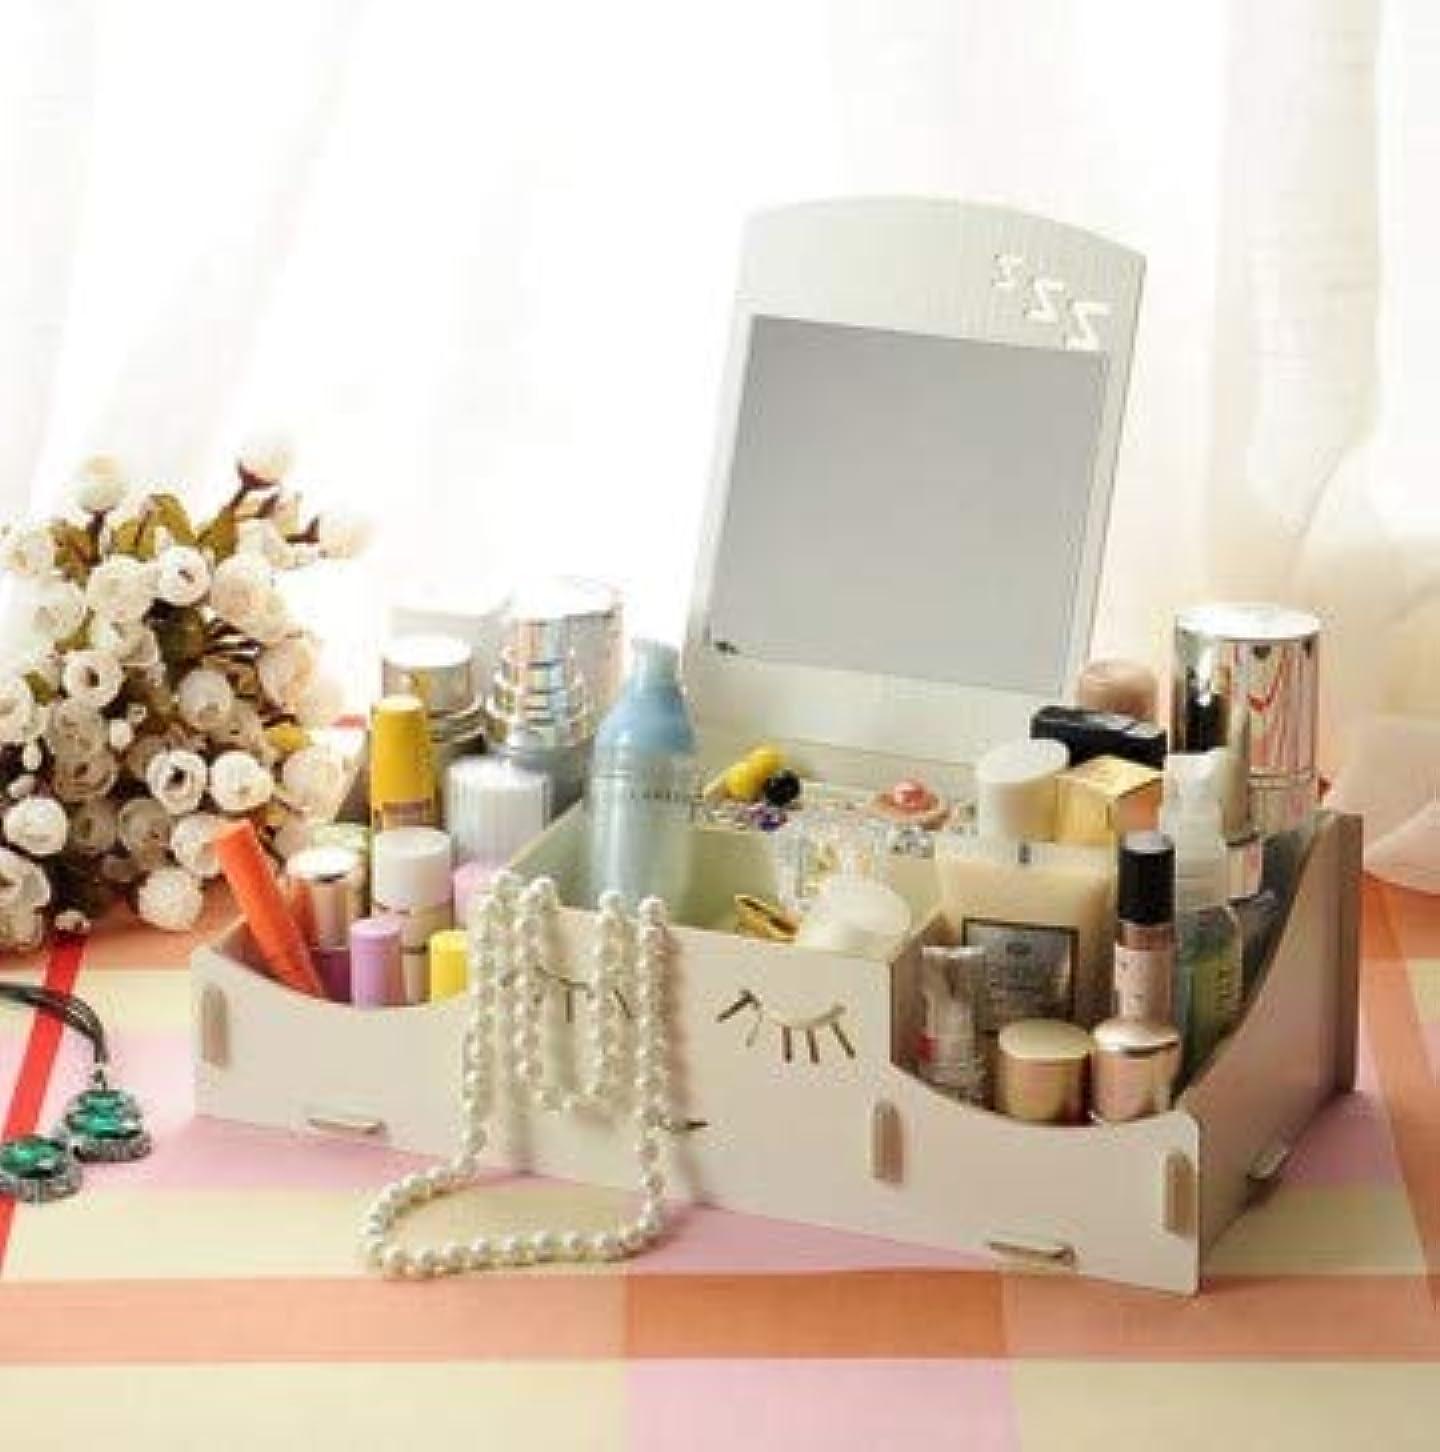 代替ピアニストスプレースマイリー木製クリエイティブ収納ボックス手作りデスクトップミラー化粧品収納ボックス化粧品収納ボックス (Color : ホワイト)